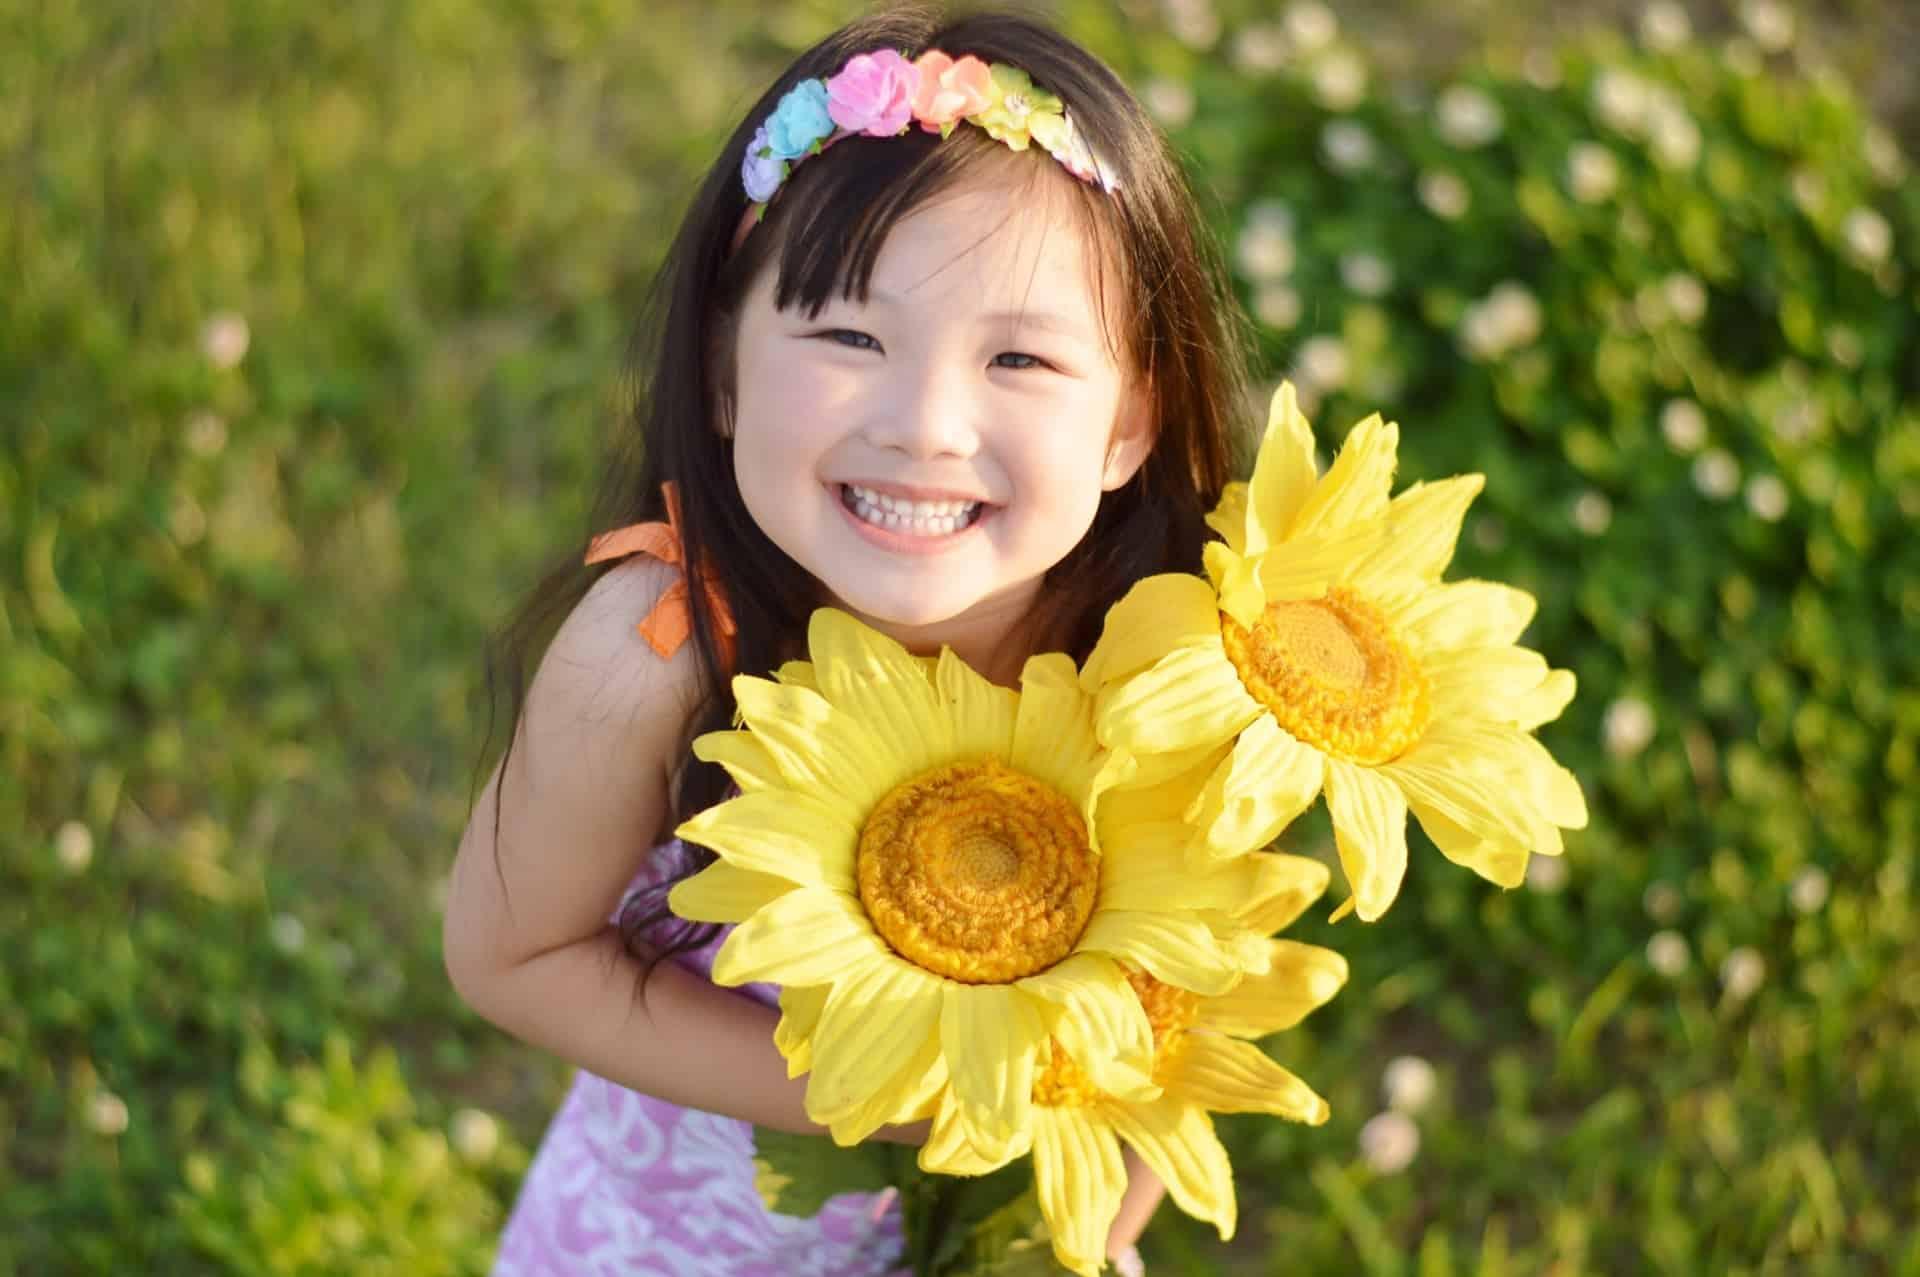 【話題】自閉症児へ奇跡の治療法!?全ての子供達を笑顔に